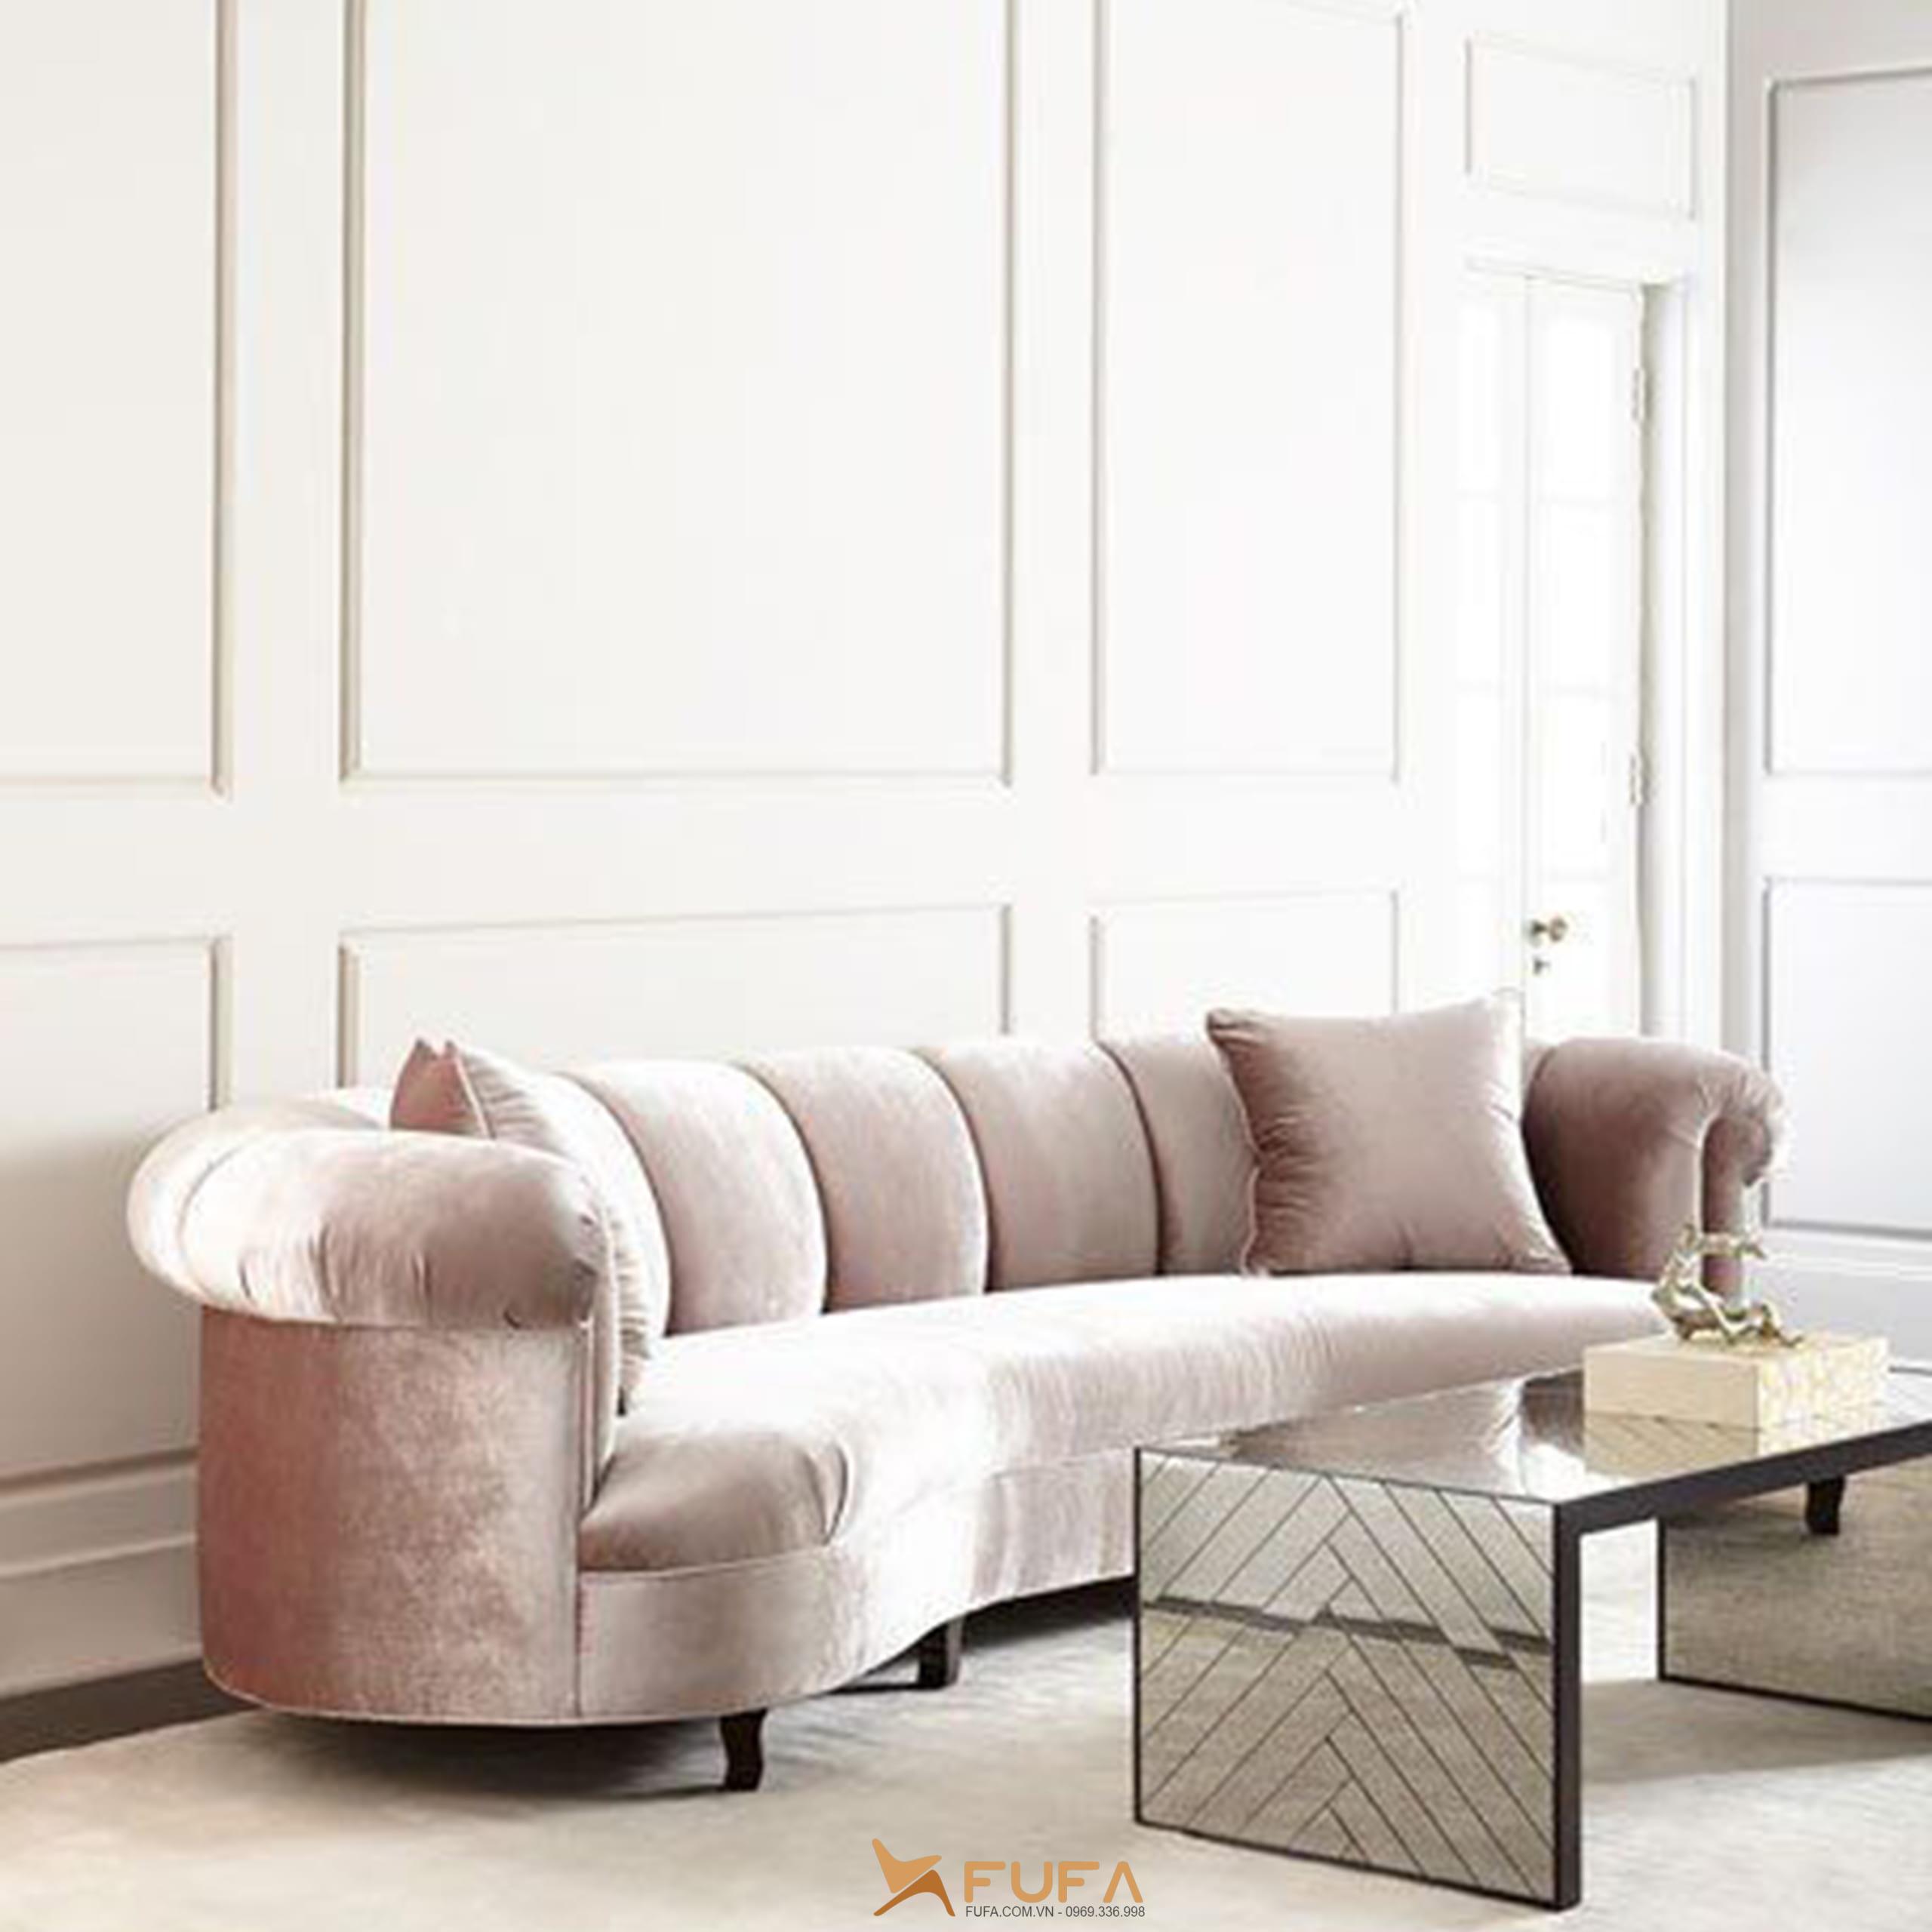 Ghế sofa bành tròn